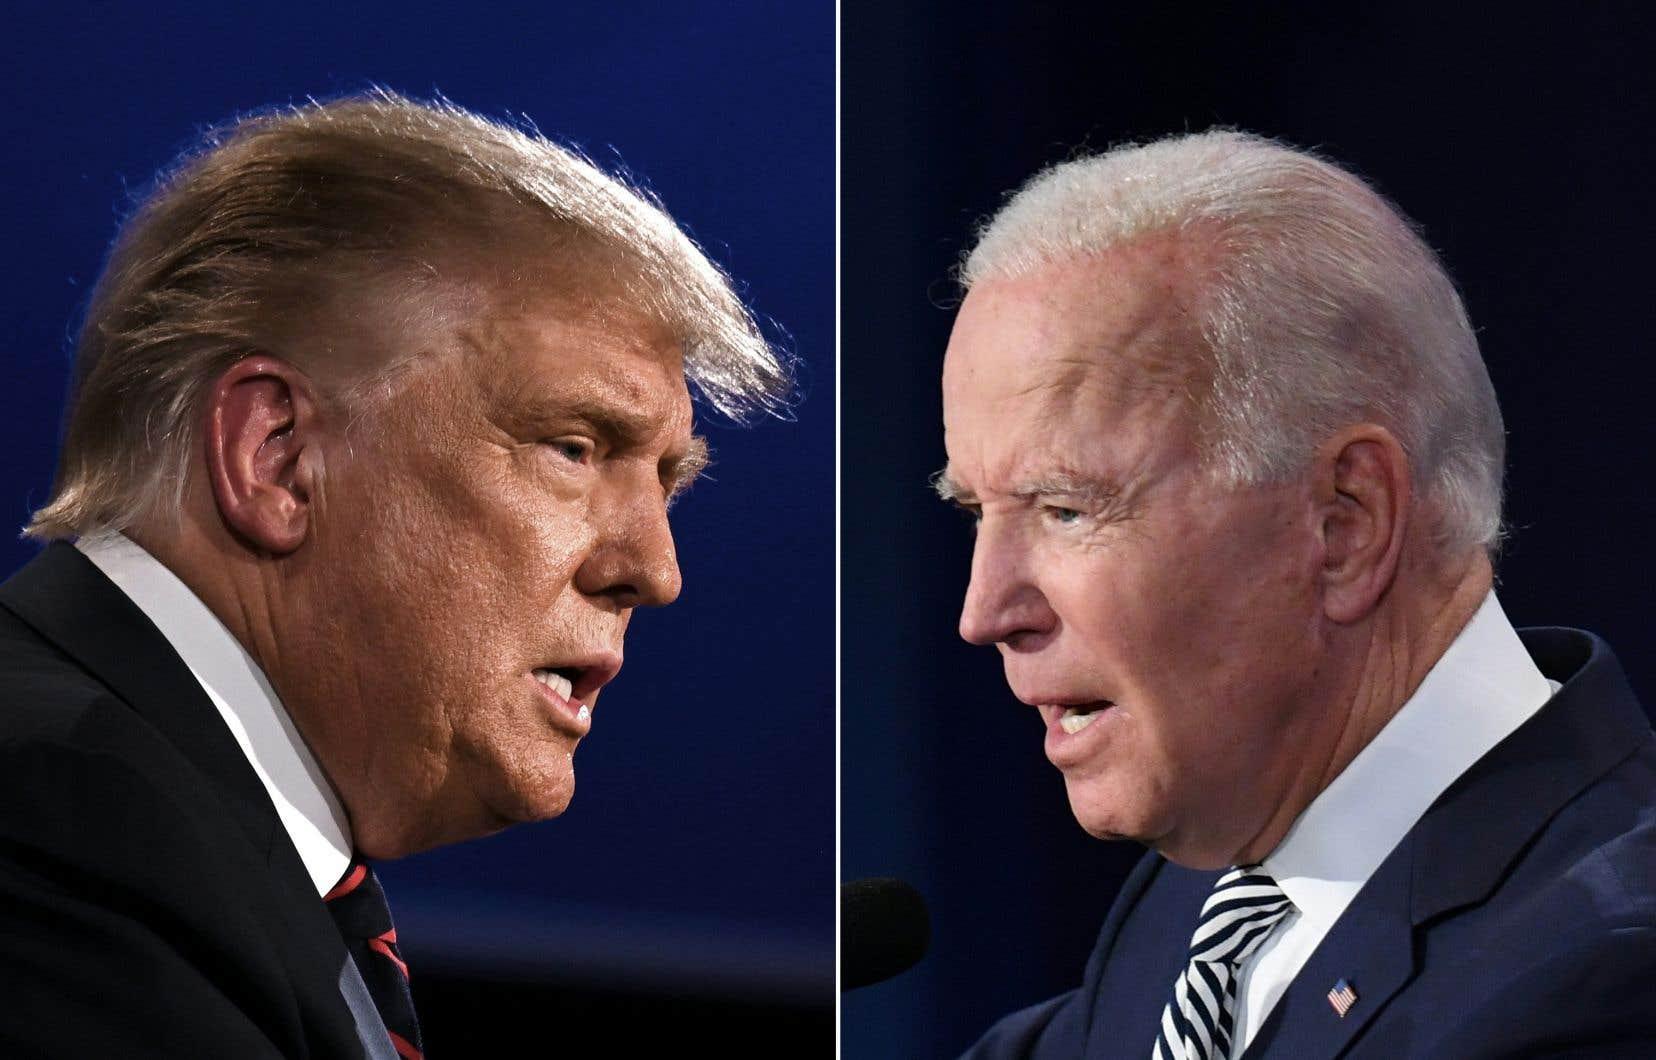 Le président Donald Trump et son adversaire démocrate, Joe Biden